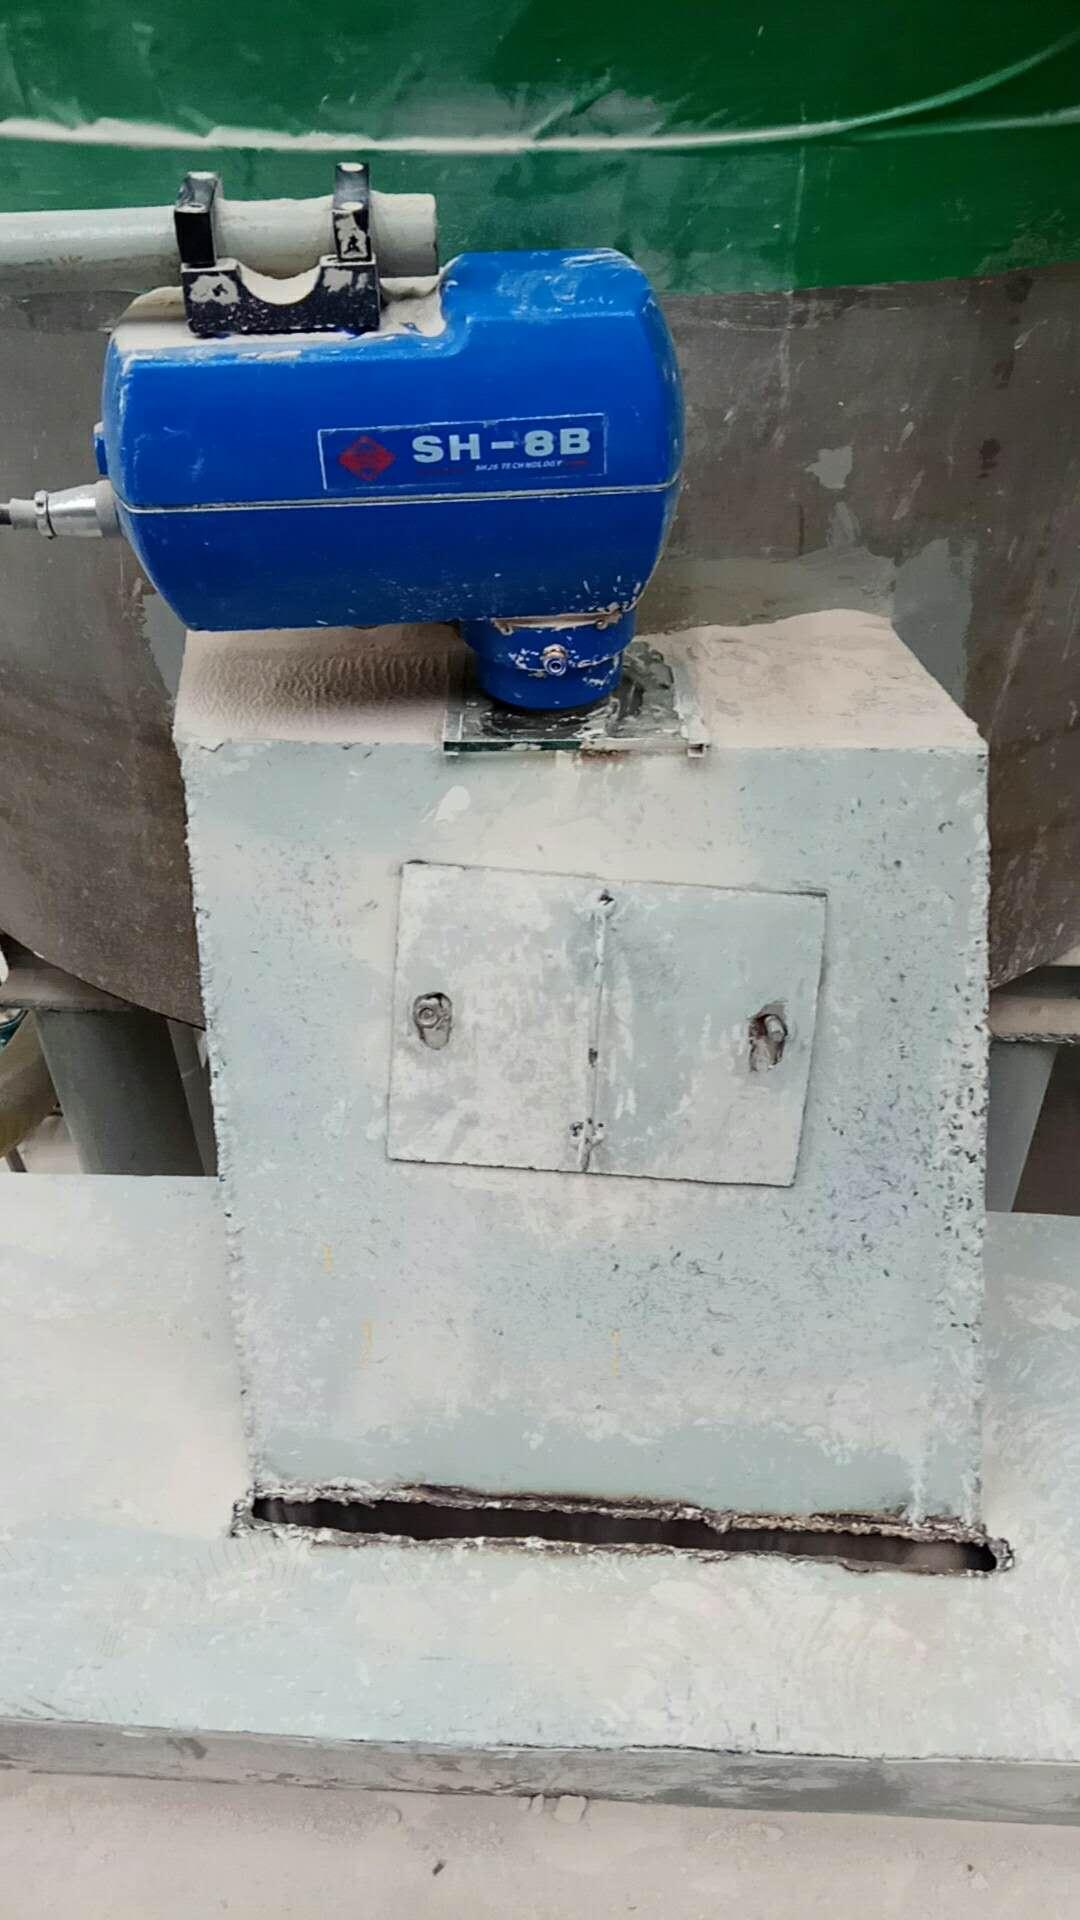 水分测量仪,sh8b,在线水分仪,水分测定仪,测水仪